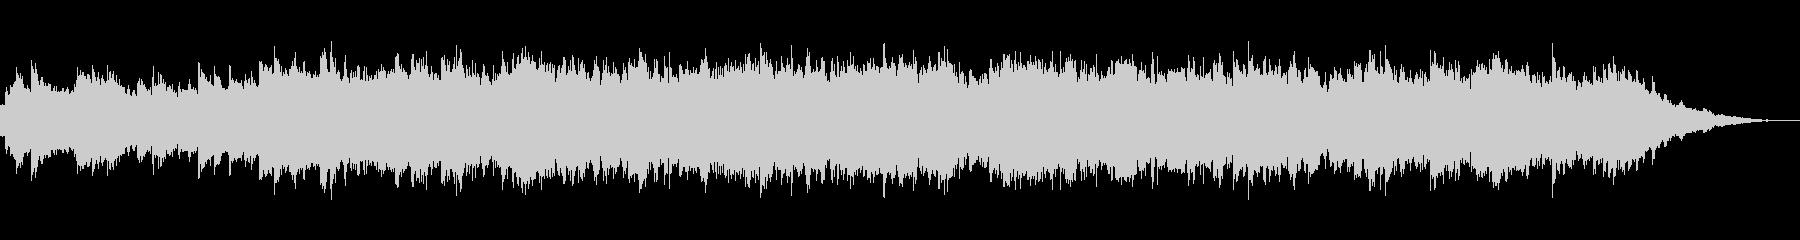 ピアノとストリングスのイージーリスニングの未再生の波形